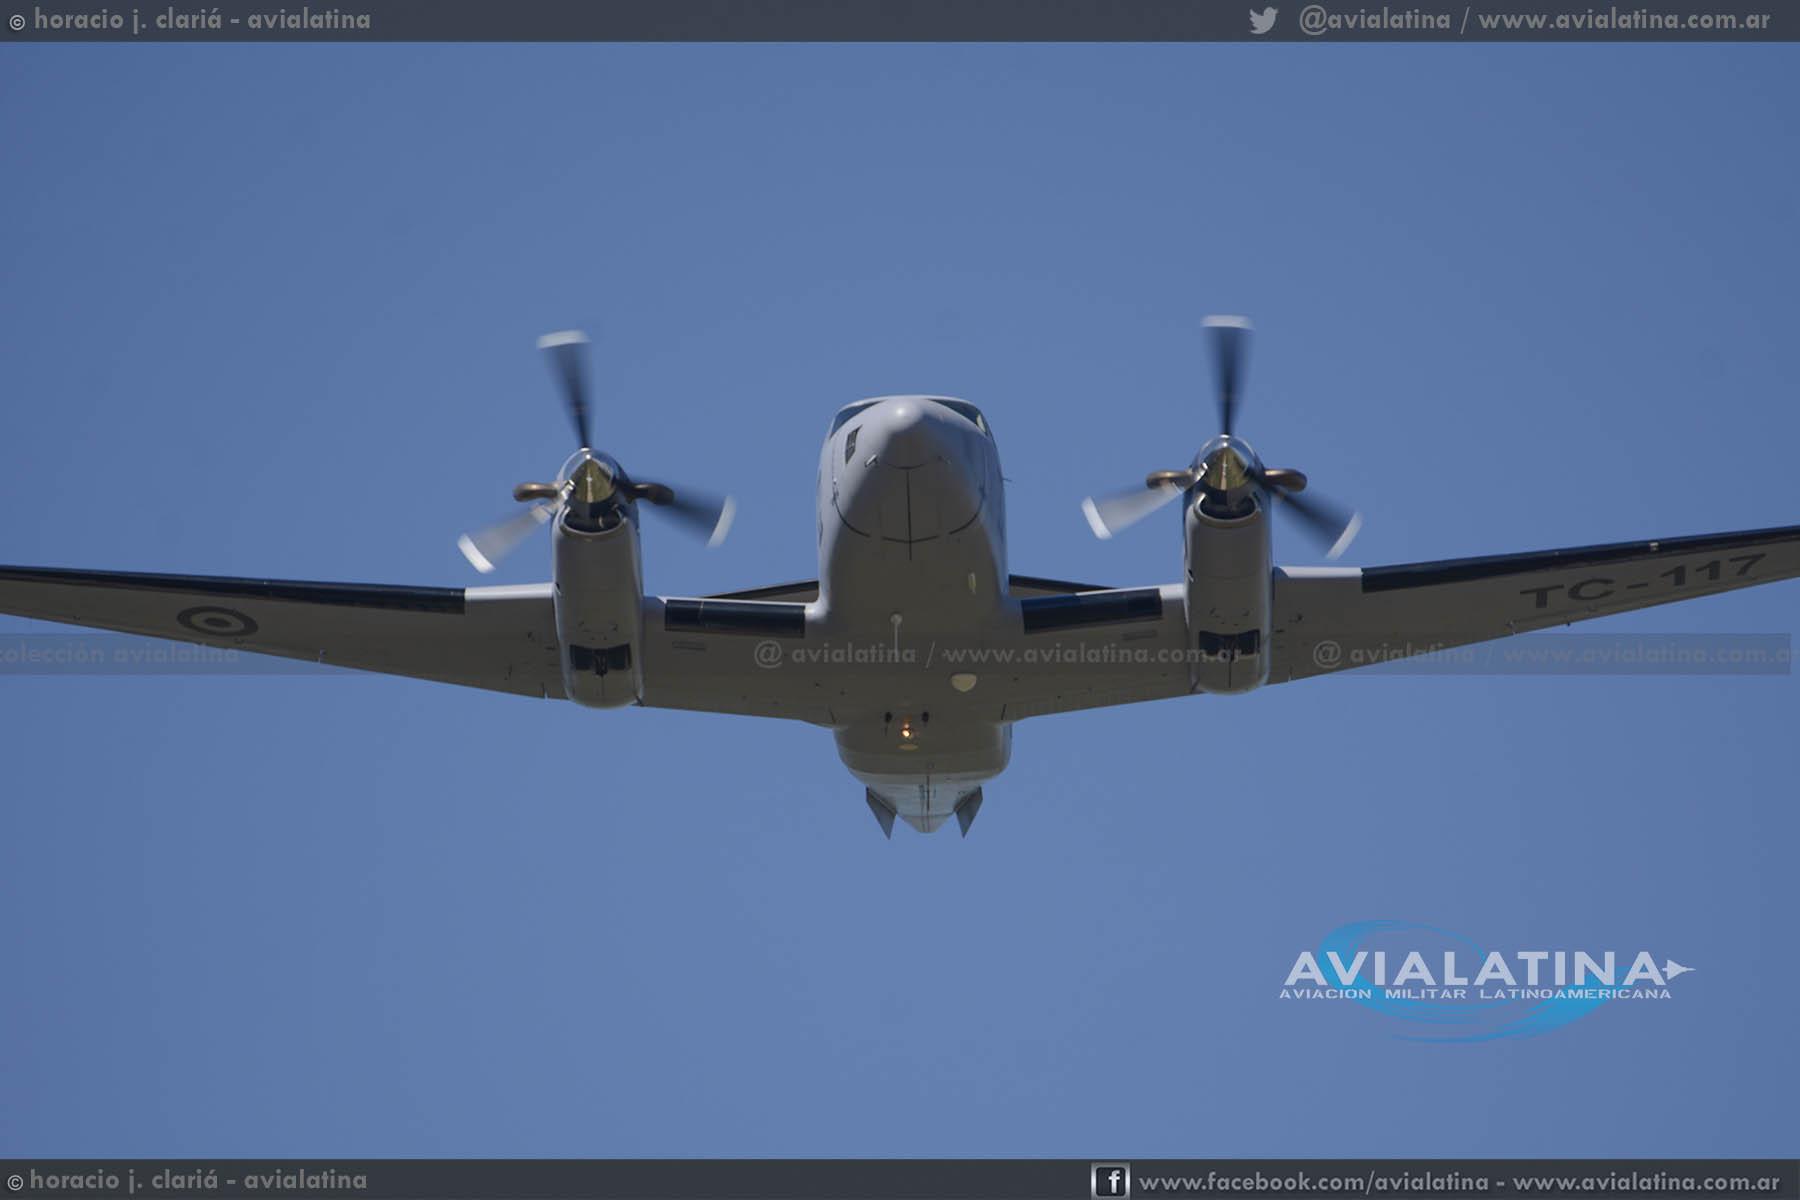 Incorporación formal del primer Beech Huron de la Fuerza Aérea Argentina